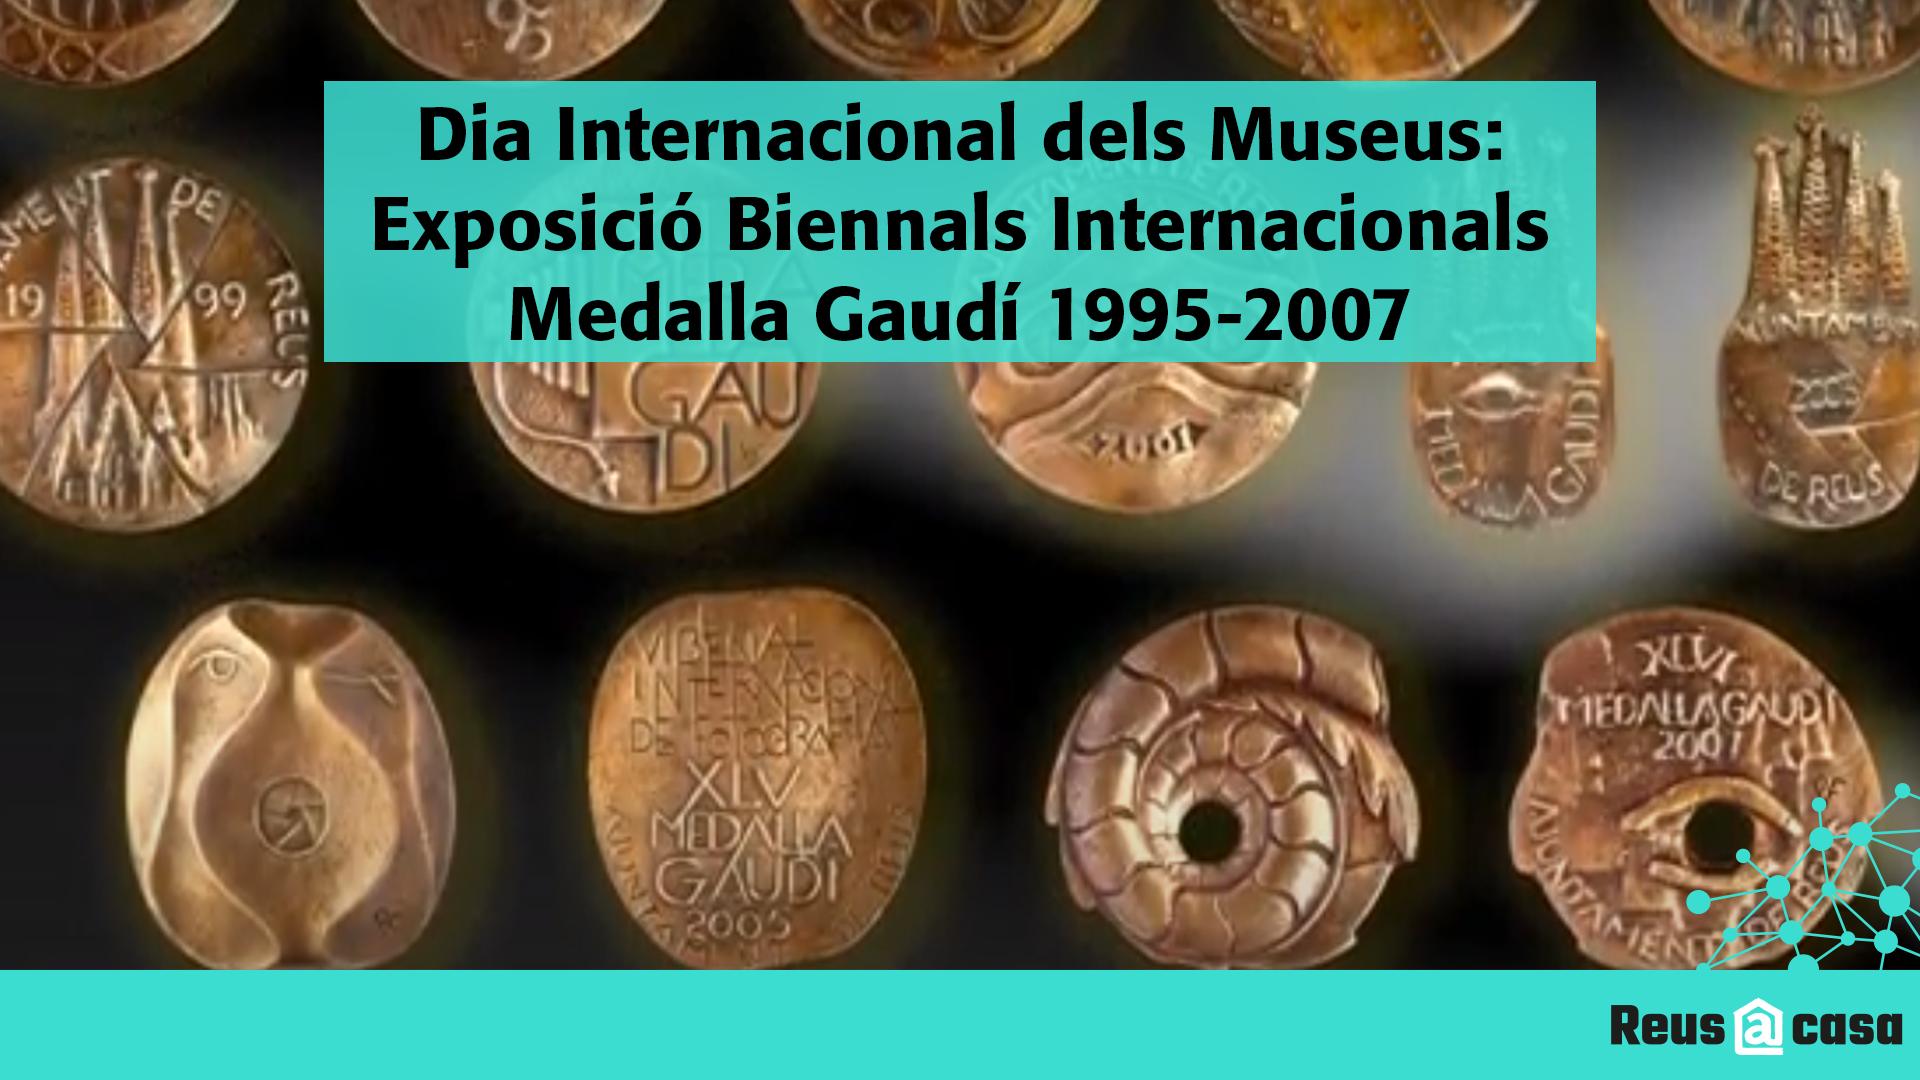 Dia Internacional dels Museus: Exposició Biennals Internacionals Medalla Gaudí 1995-2007